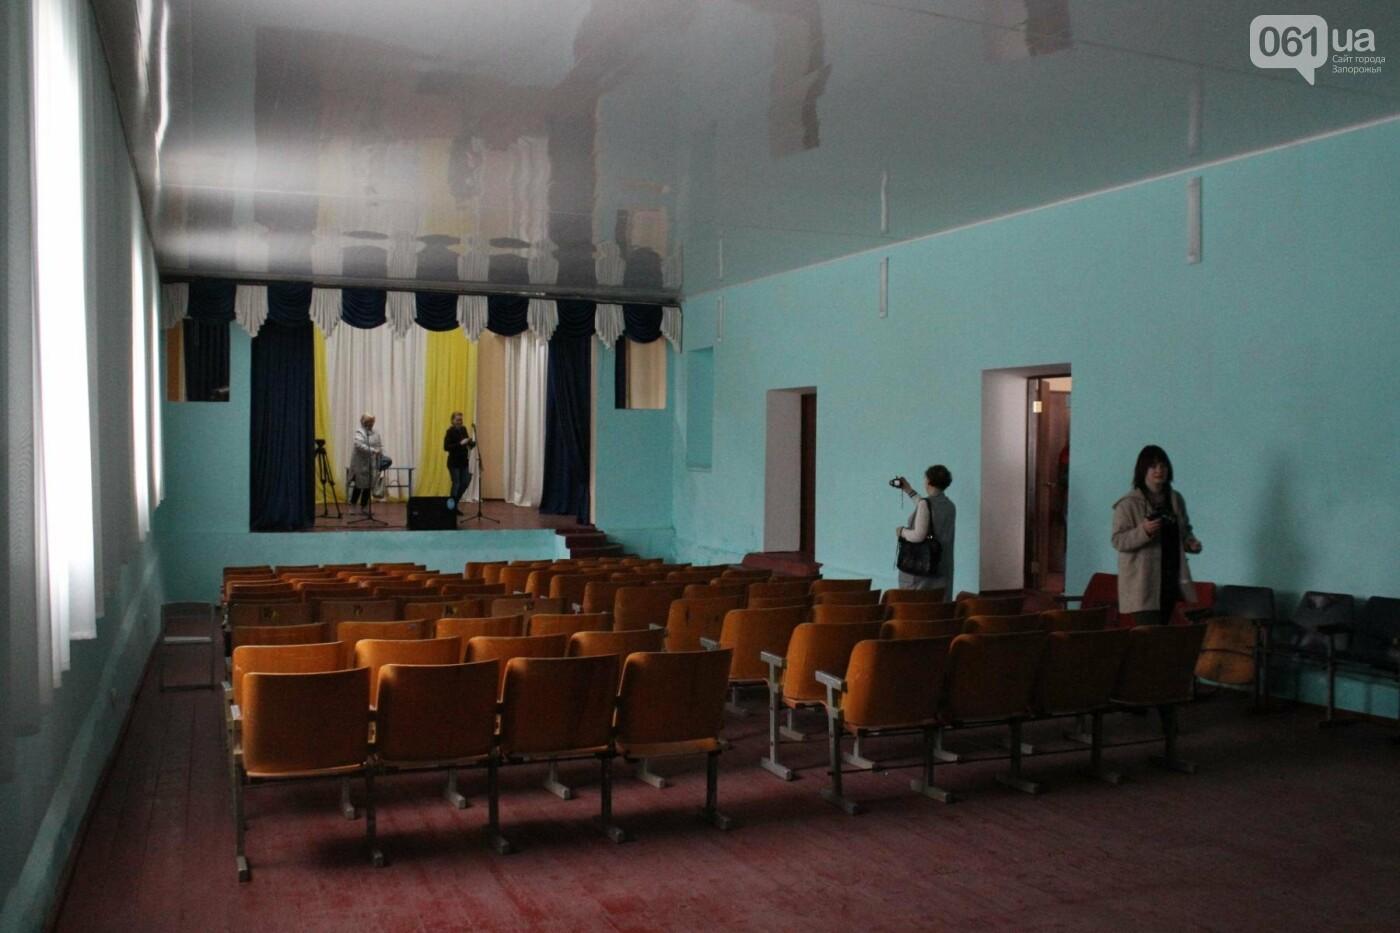 Село, що оживає: як Воскресенська територіальна громада живе після об'єднання, - ФОТОРЕПОРТАЖ, фото-17